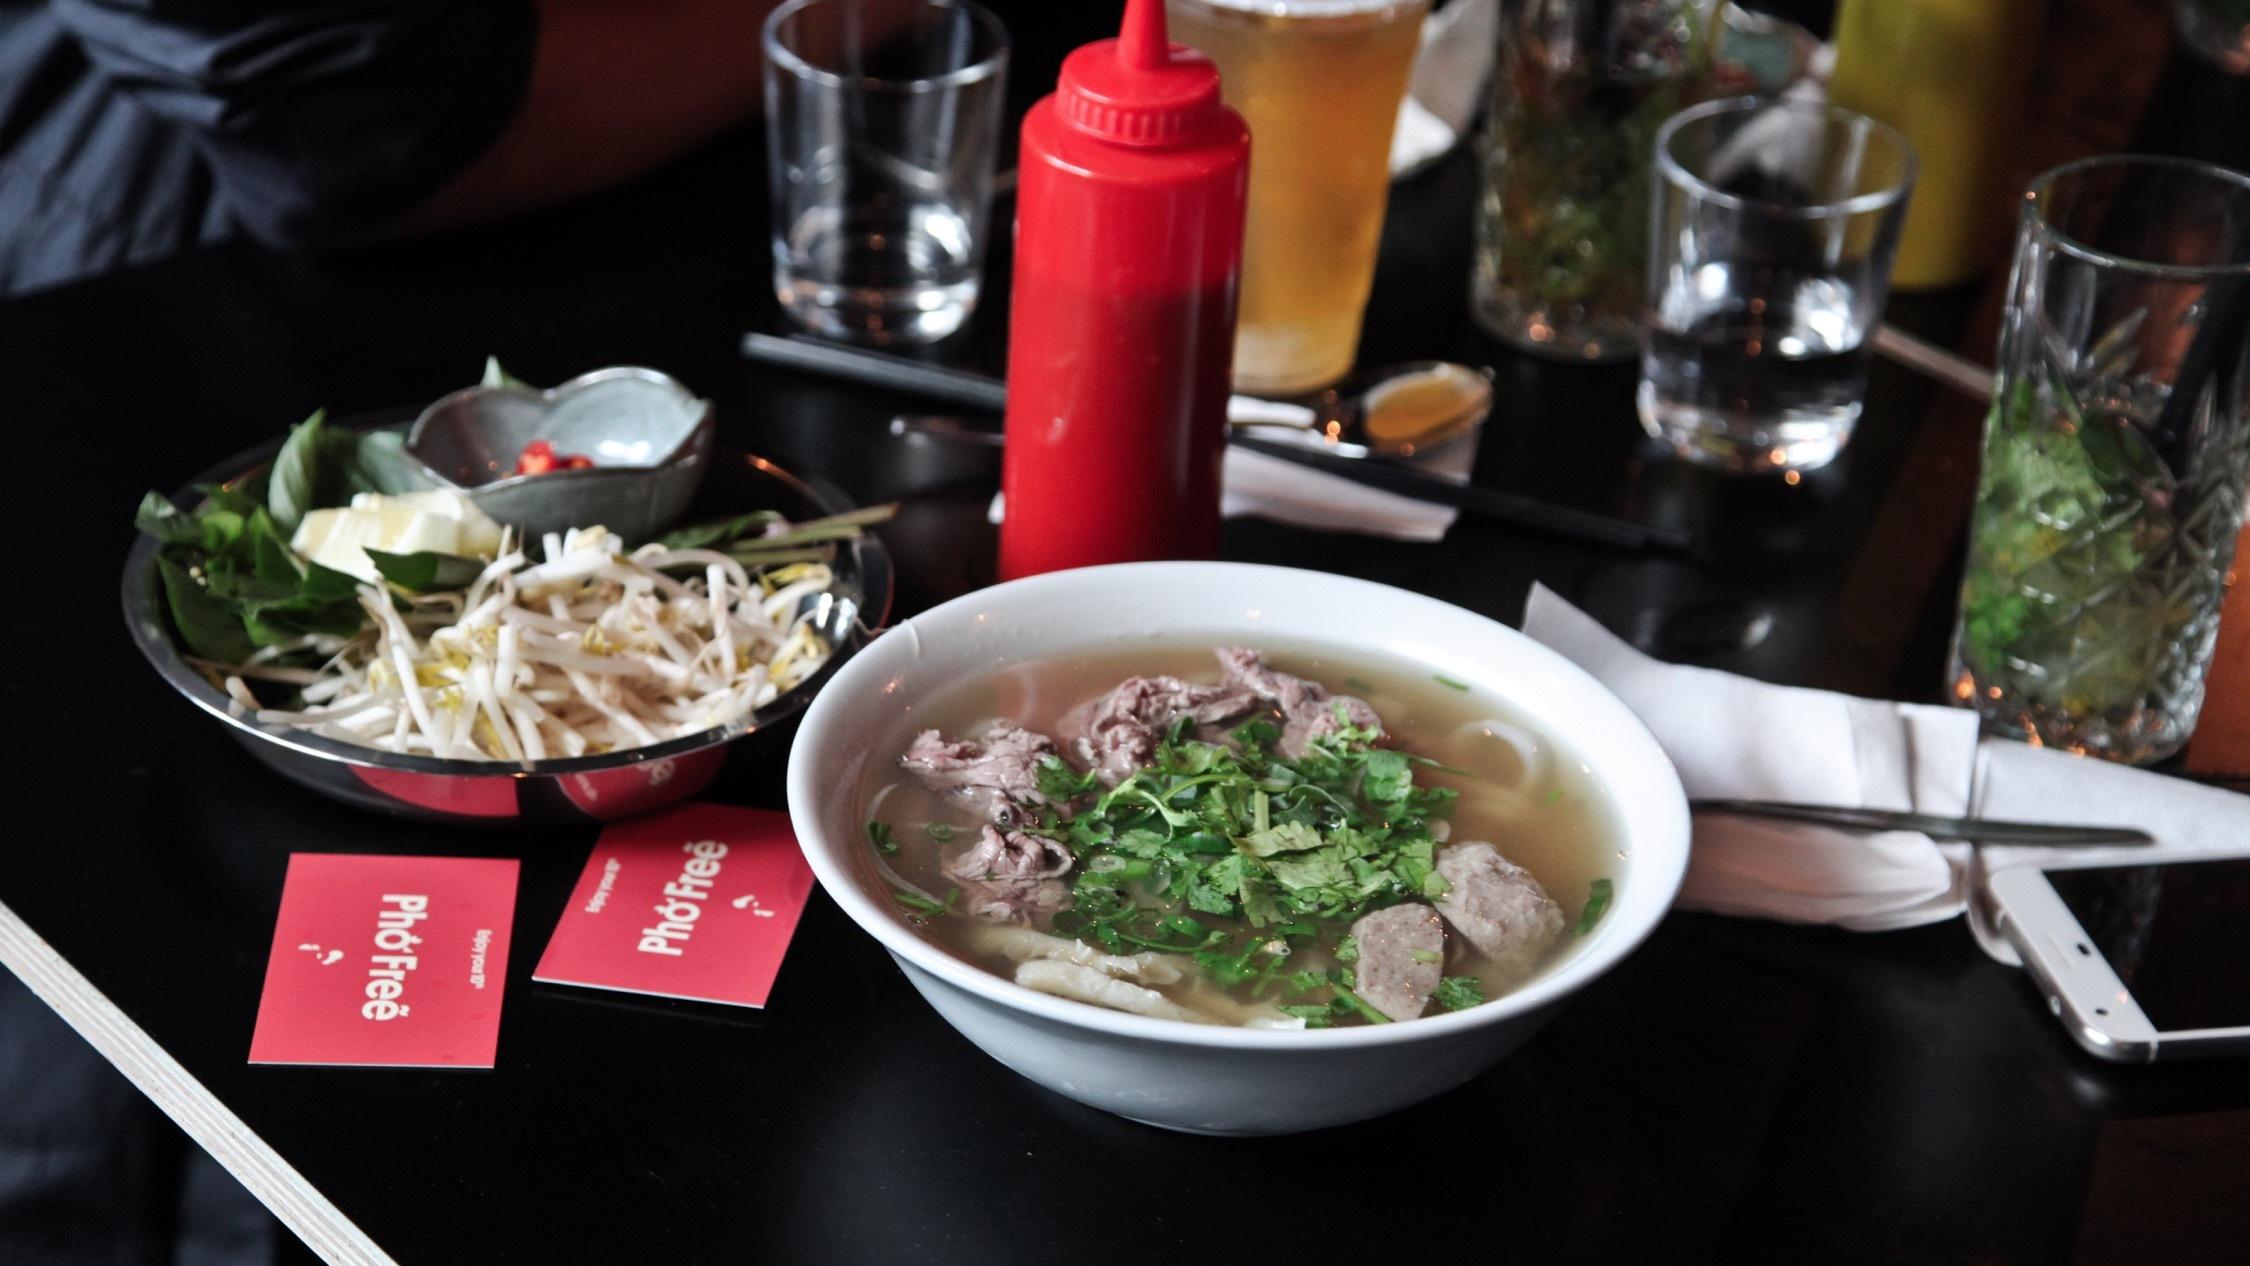 Bowls of noodles at Twenty Pho Seven